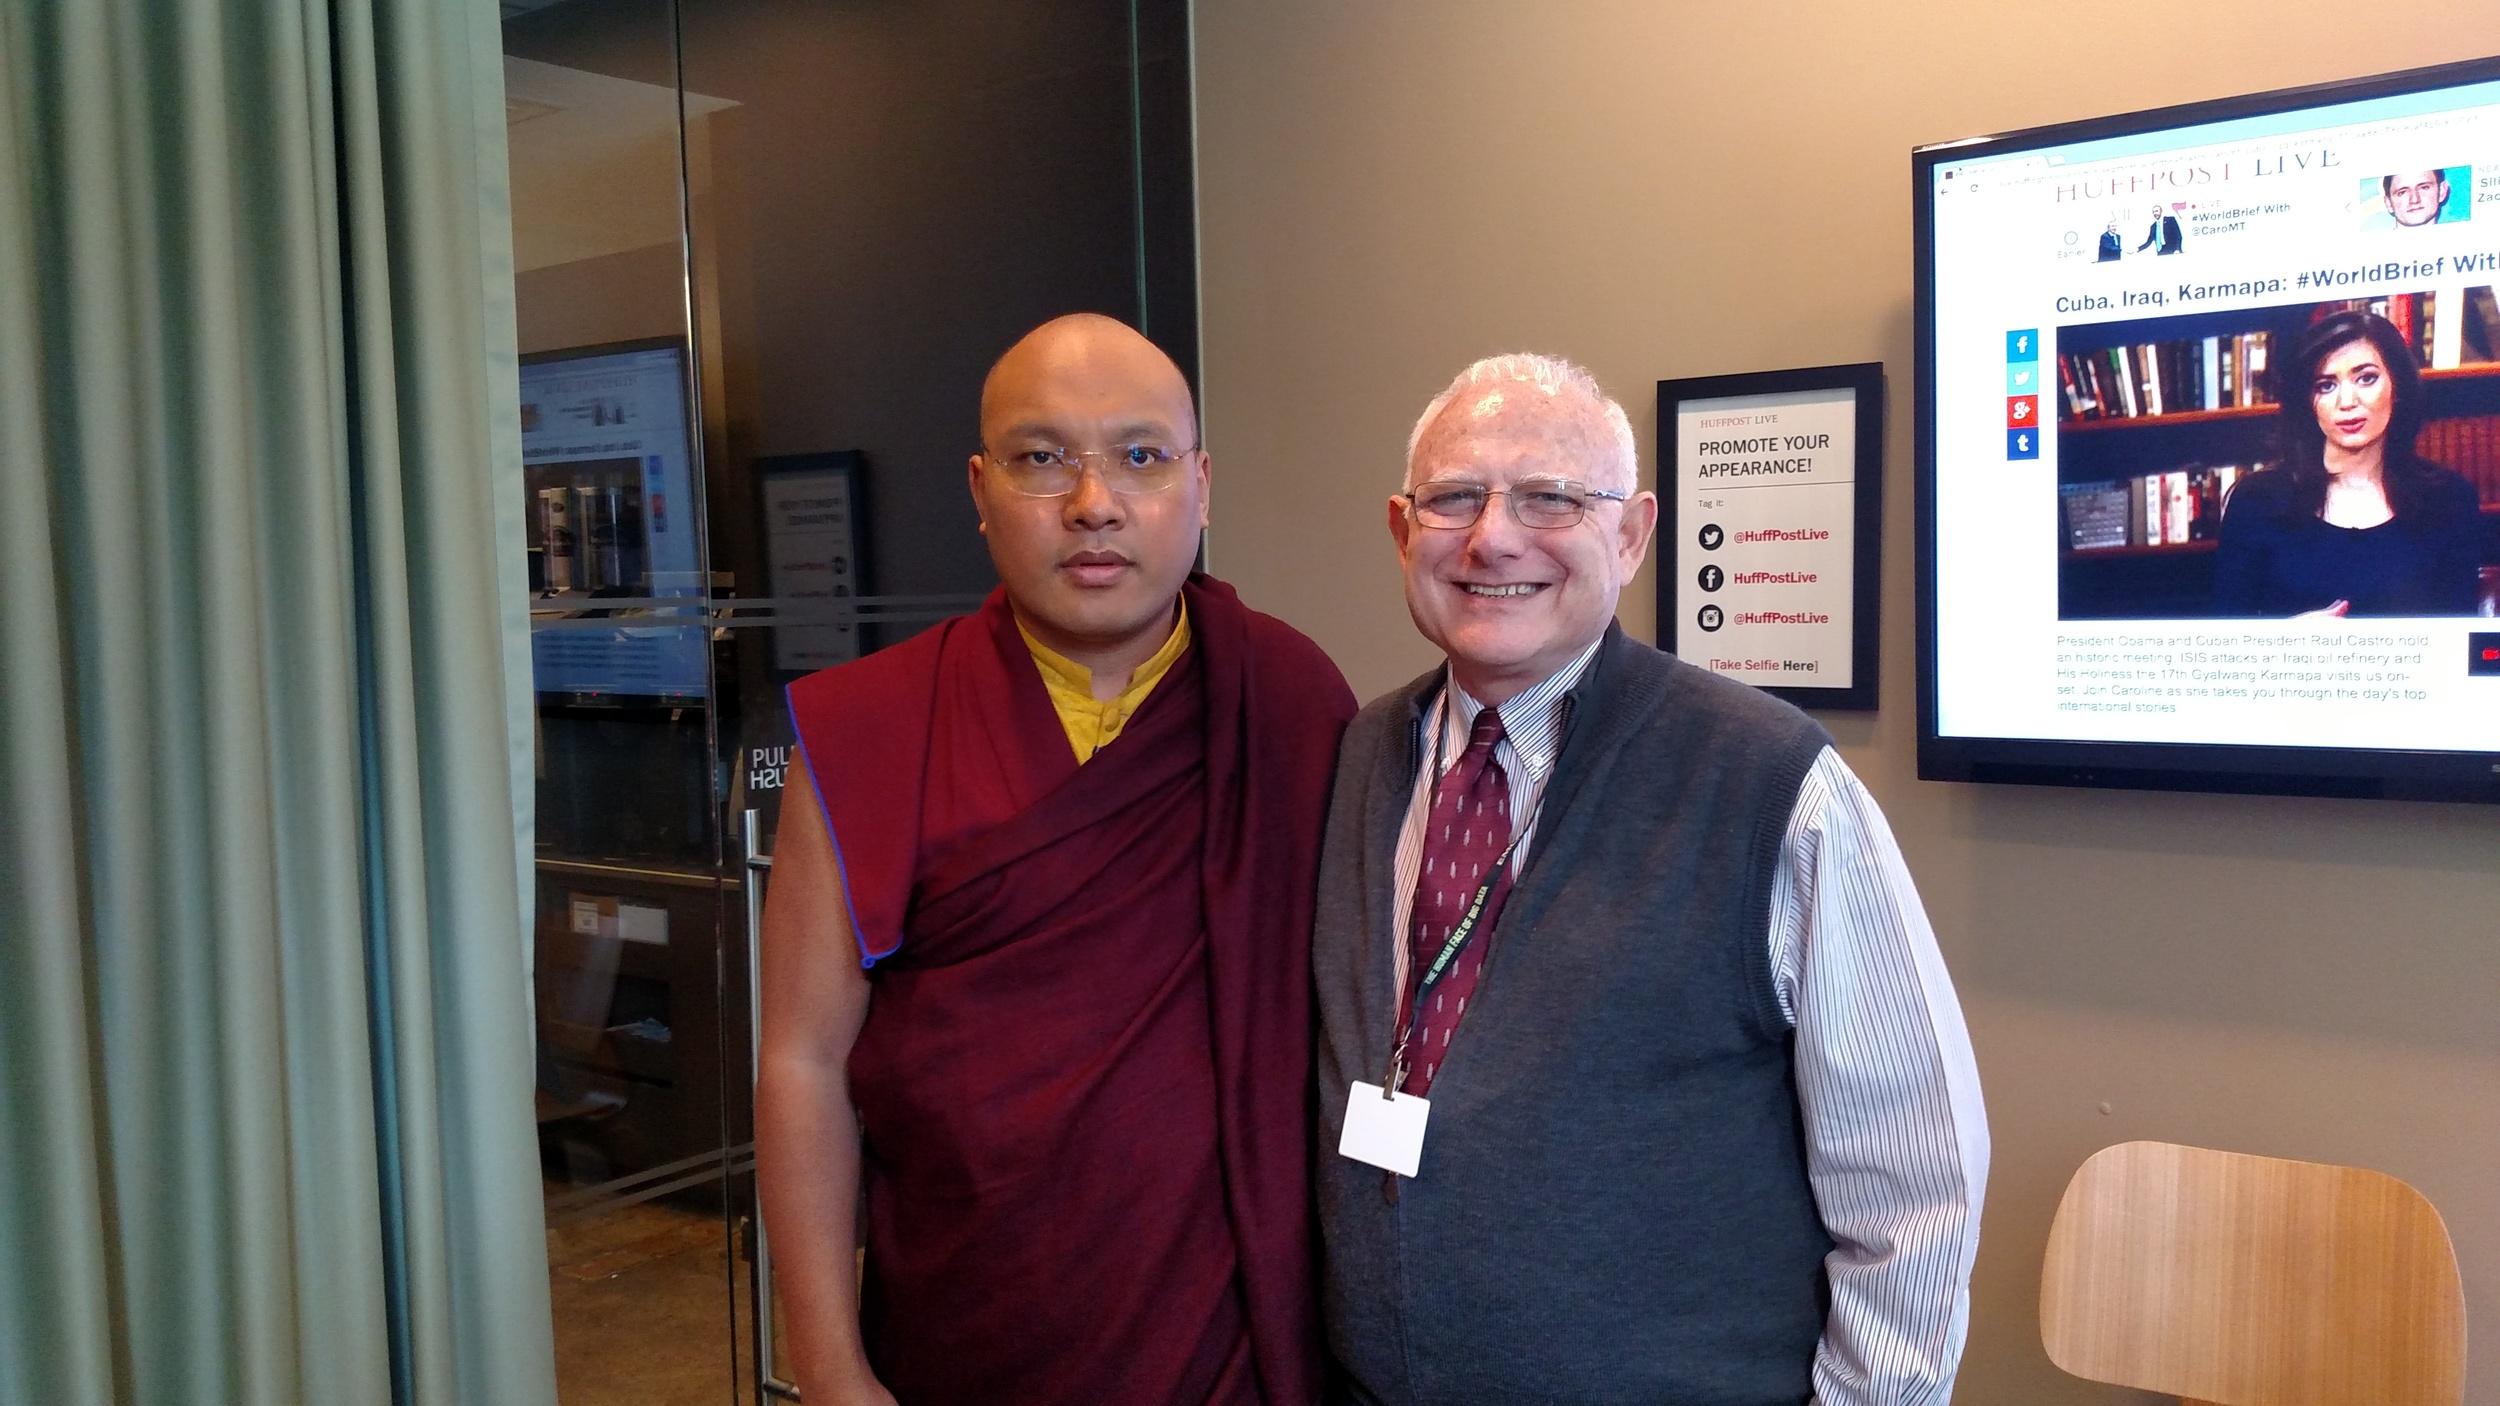 Josh + Karmapa.jpg